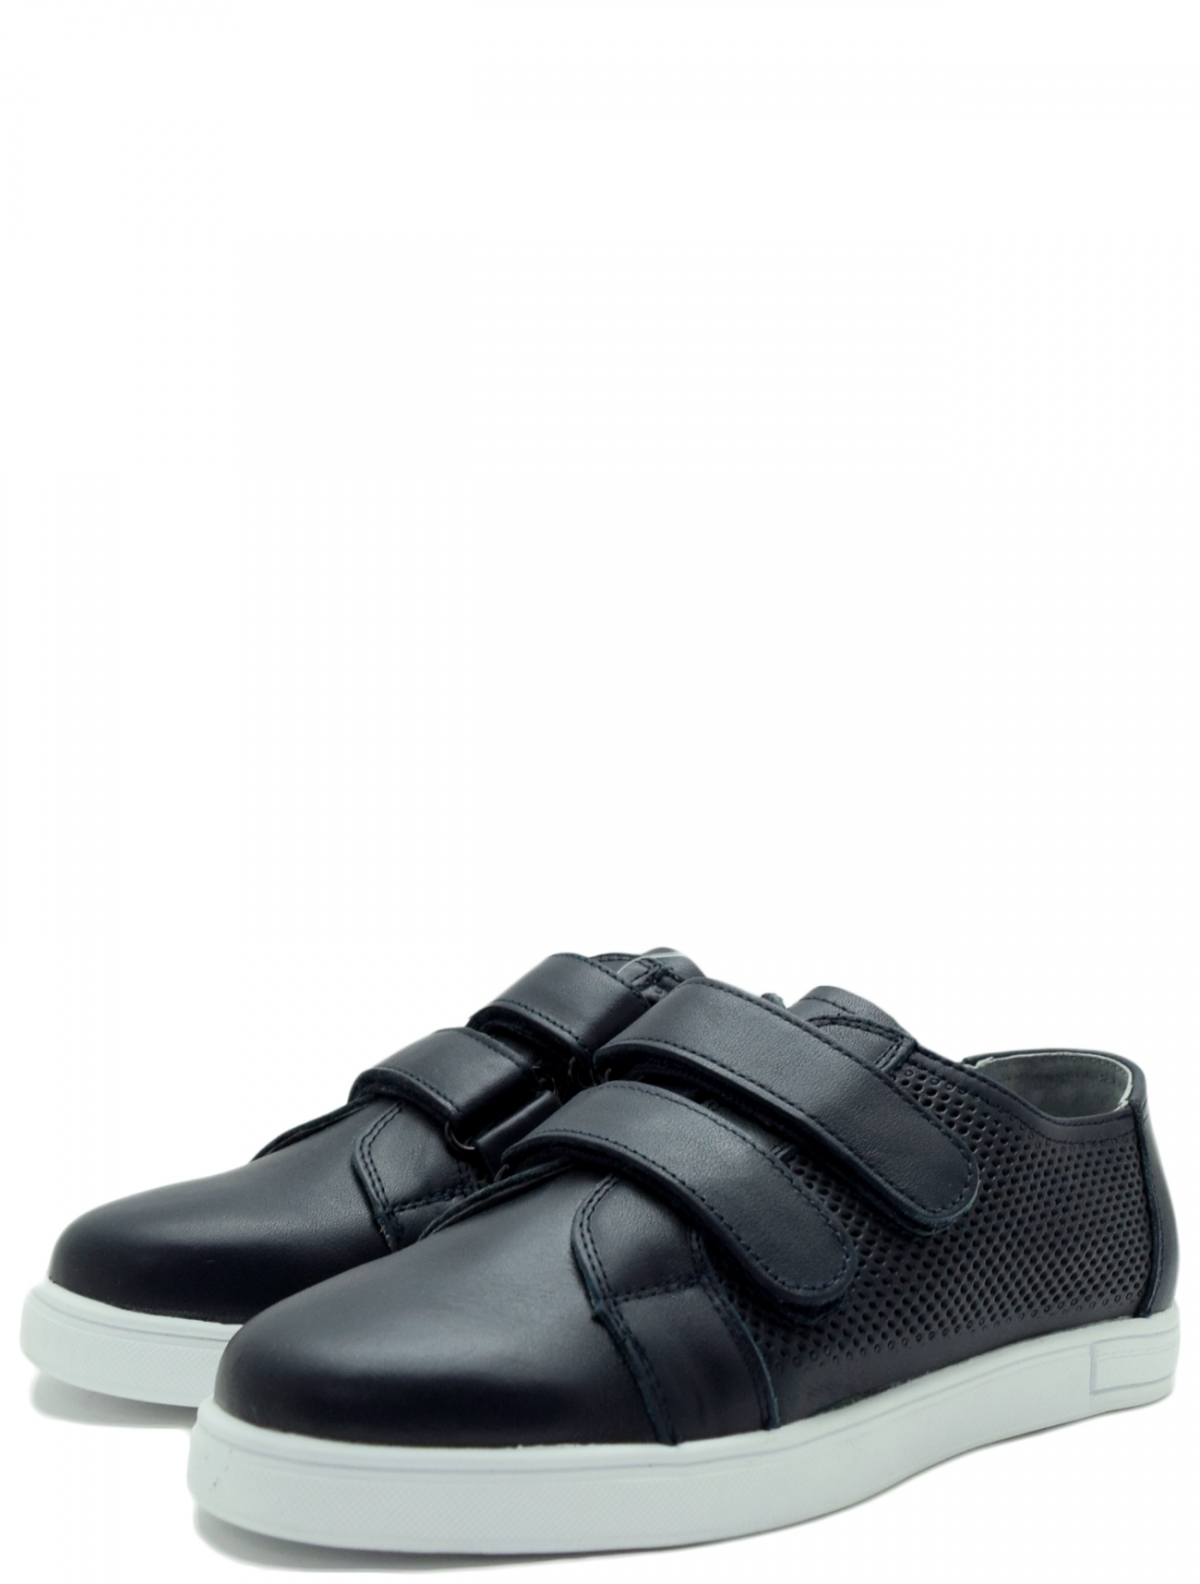 Mursu 217248 туфли для мальчика